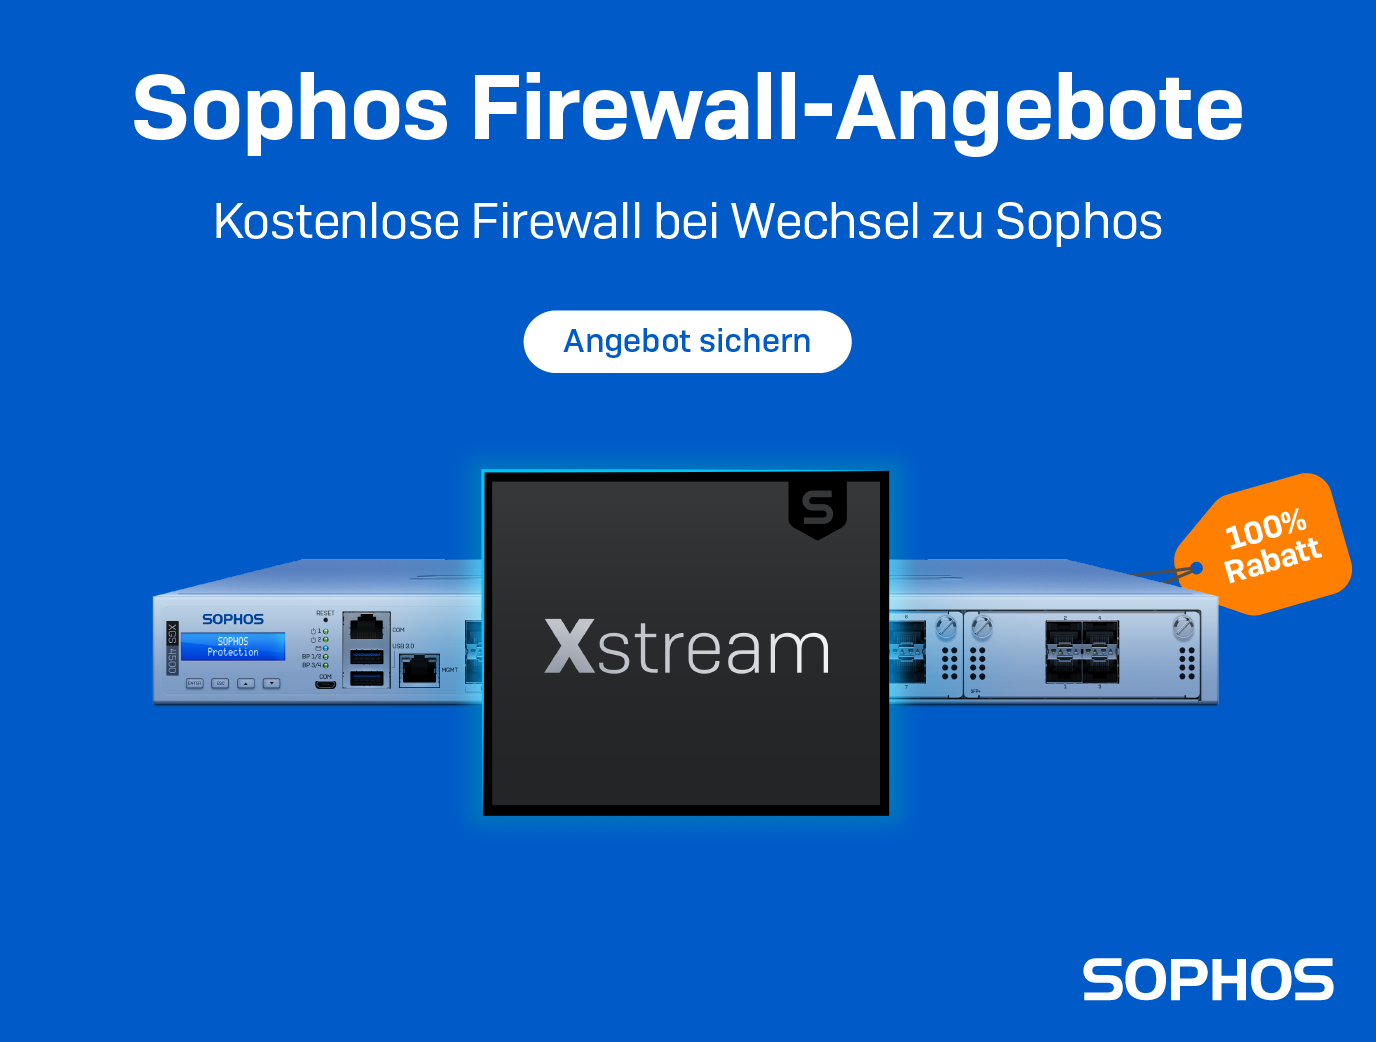 Sophos Firewall Angebote